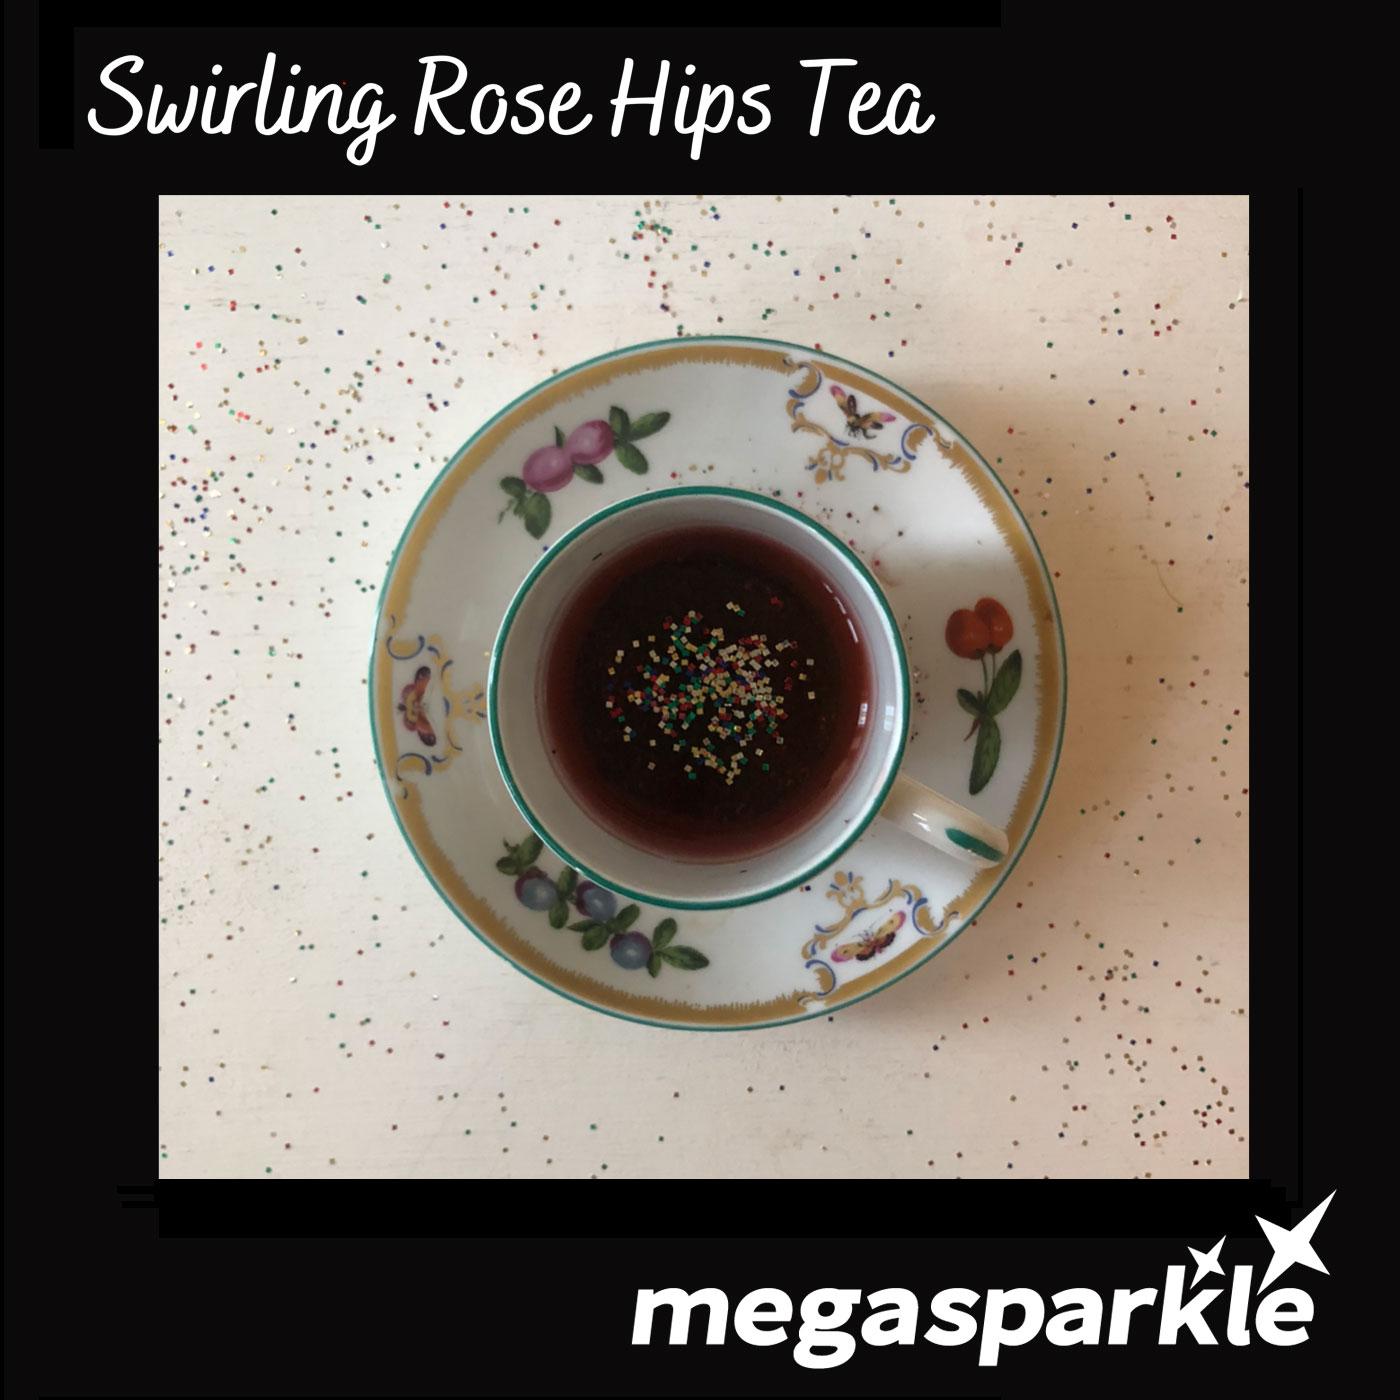 Swirling Rose Hips Tea